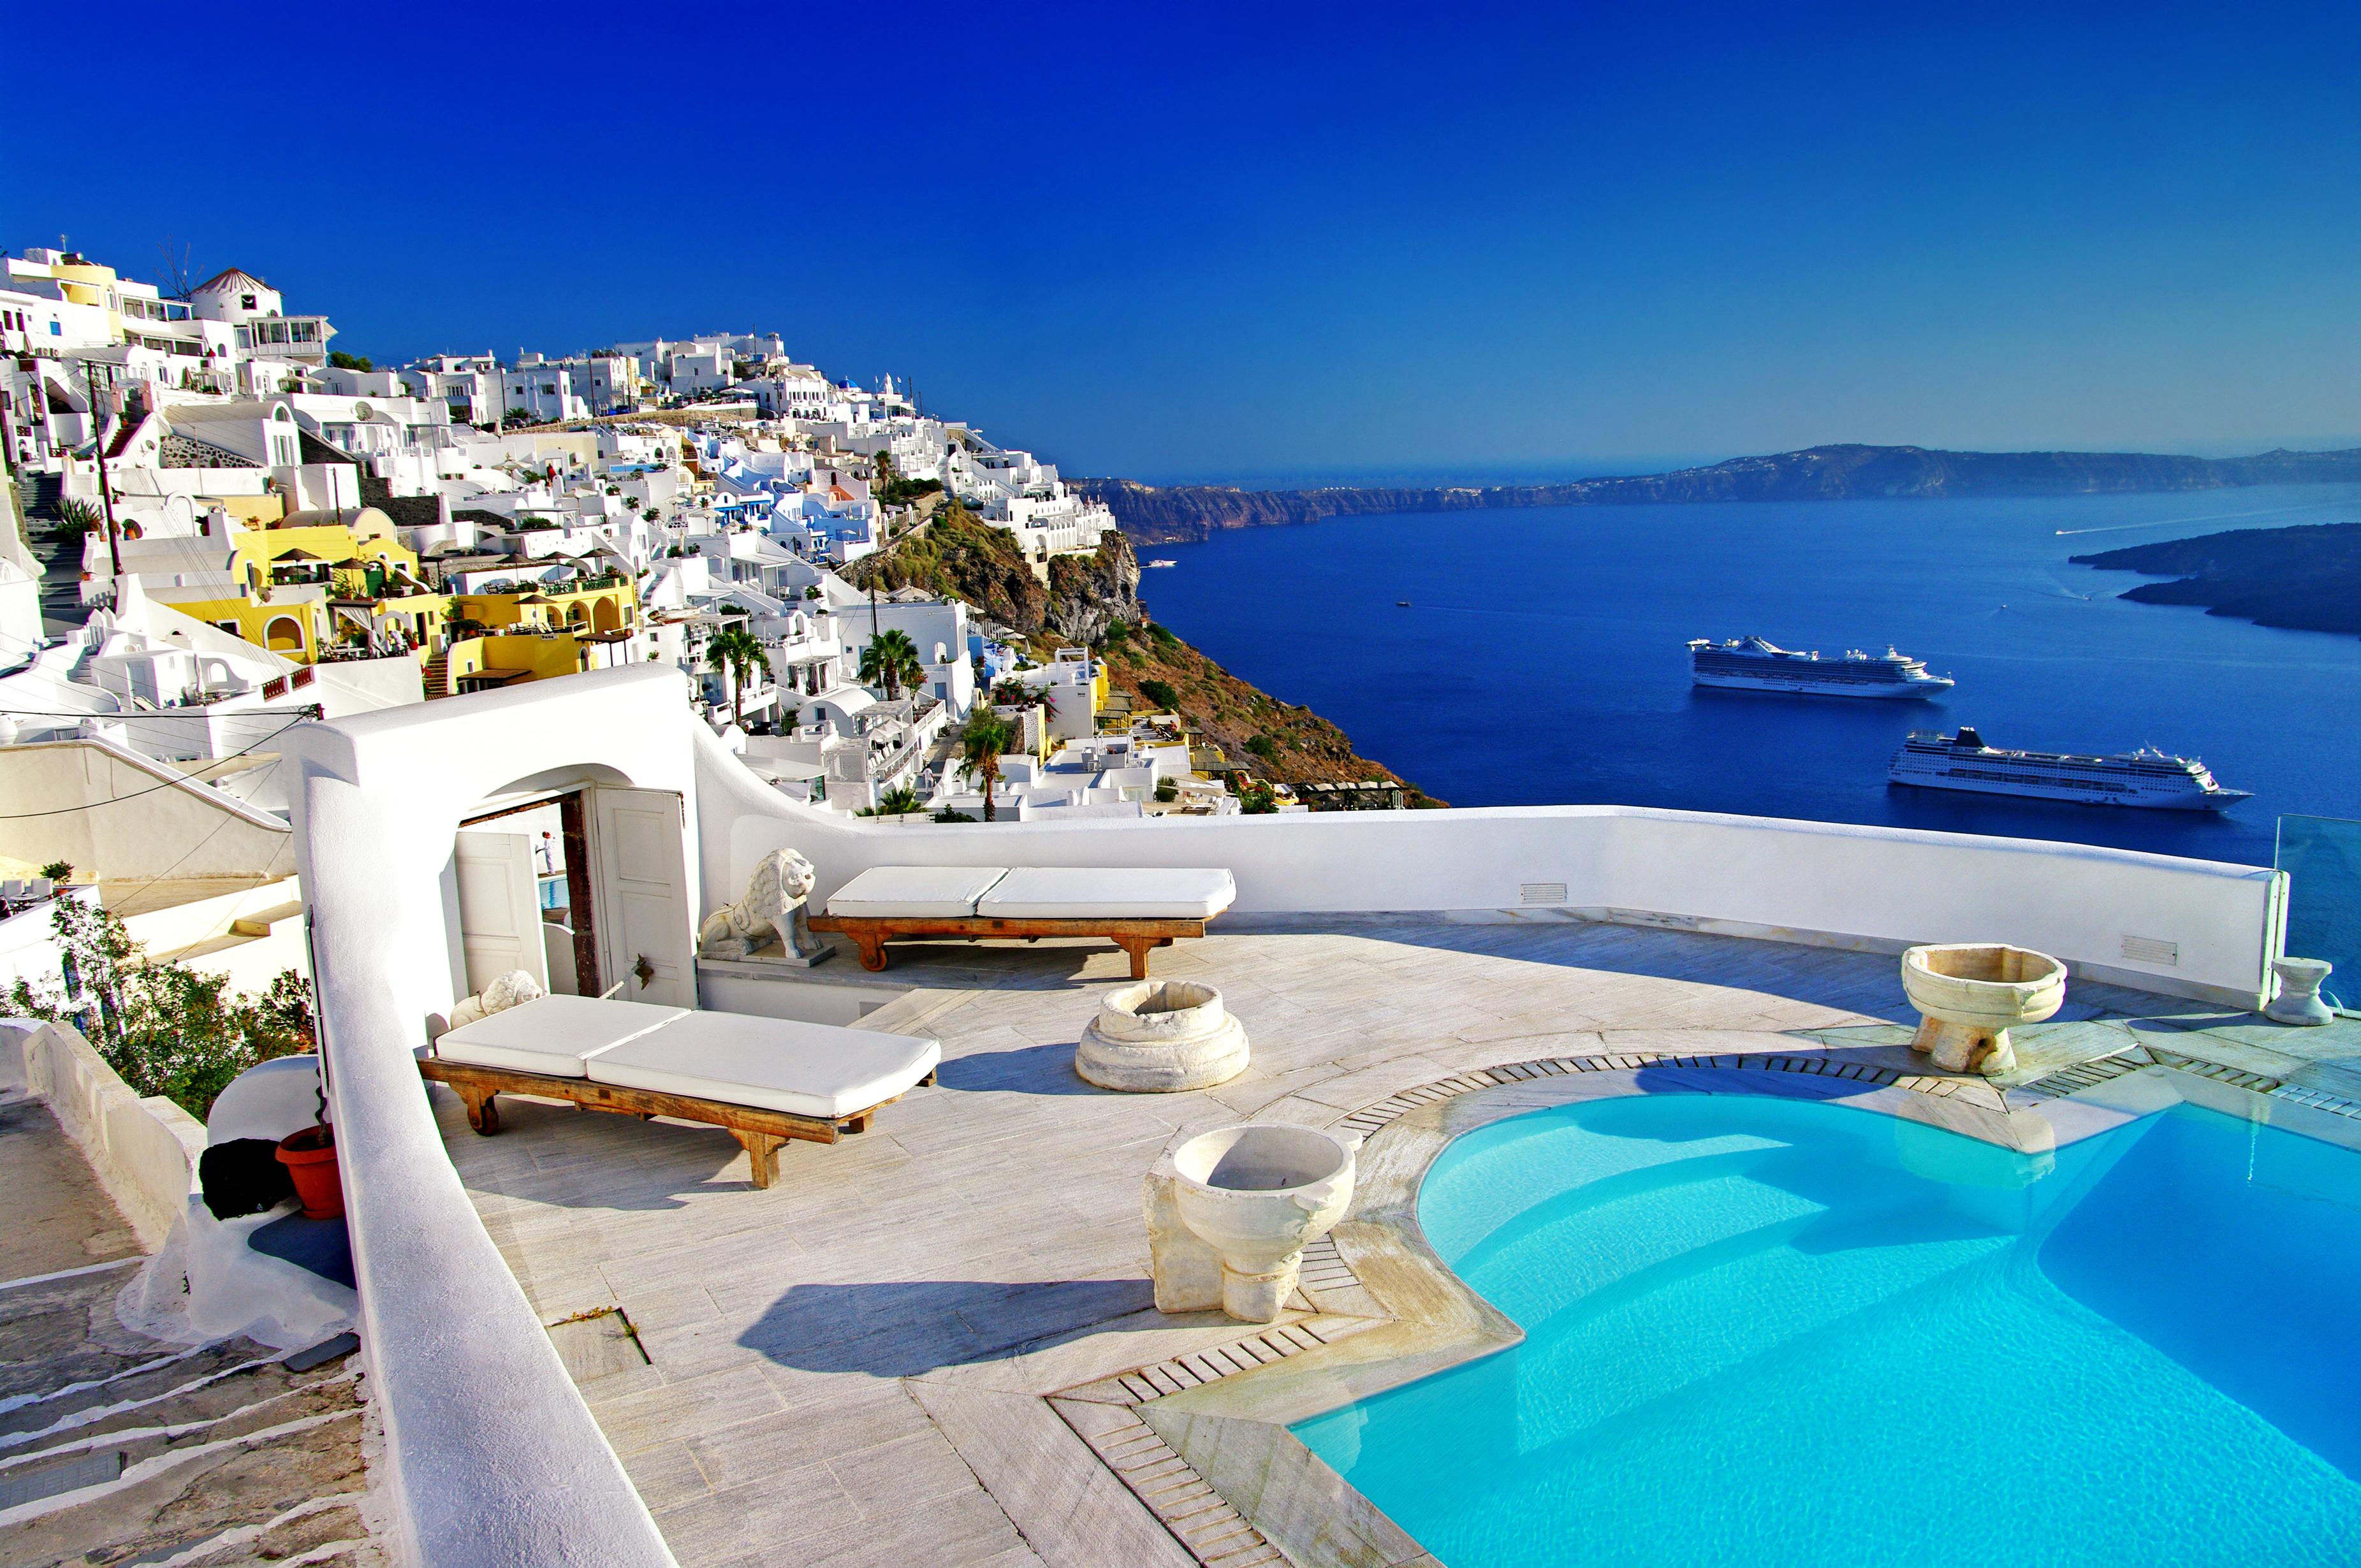 красивые места в греции фото с названиями и описанием стол является